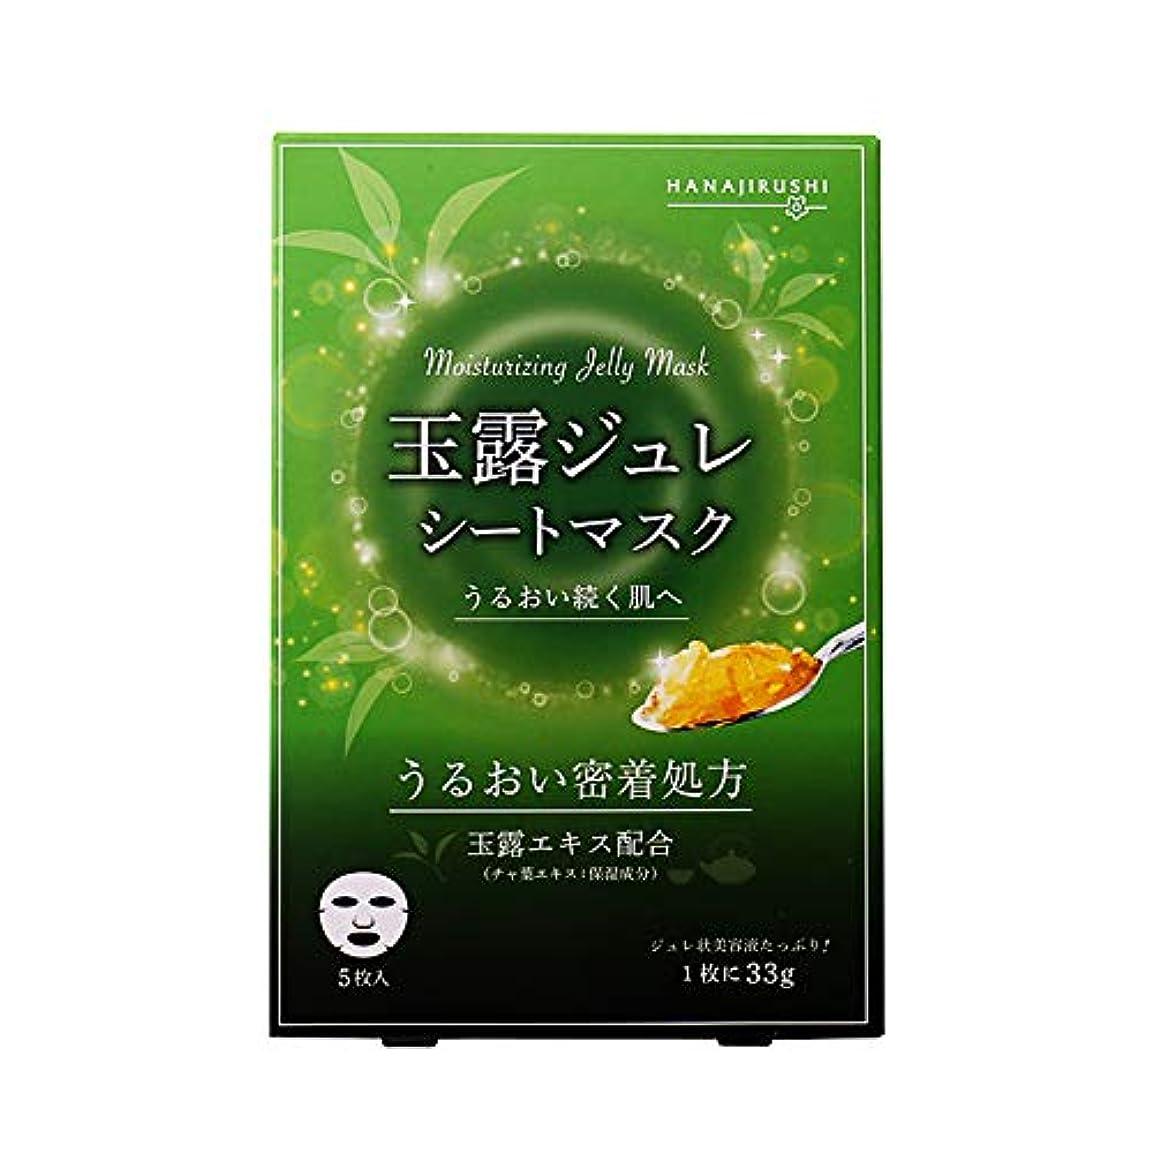 楕円形指定豆腐花印 玉露ジュレシートマスク 33g×5枚入 スクワラン配合 超濃厚保湿 乾燥小皺対策